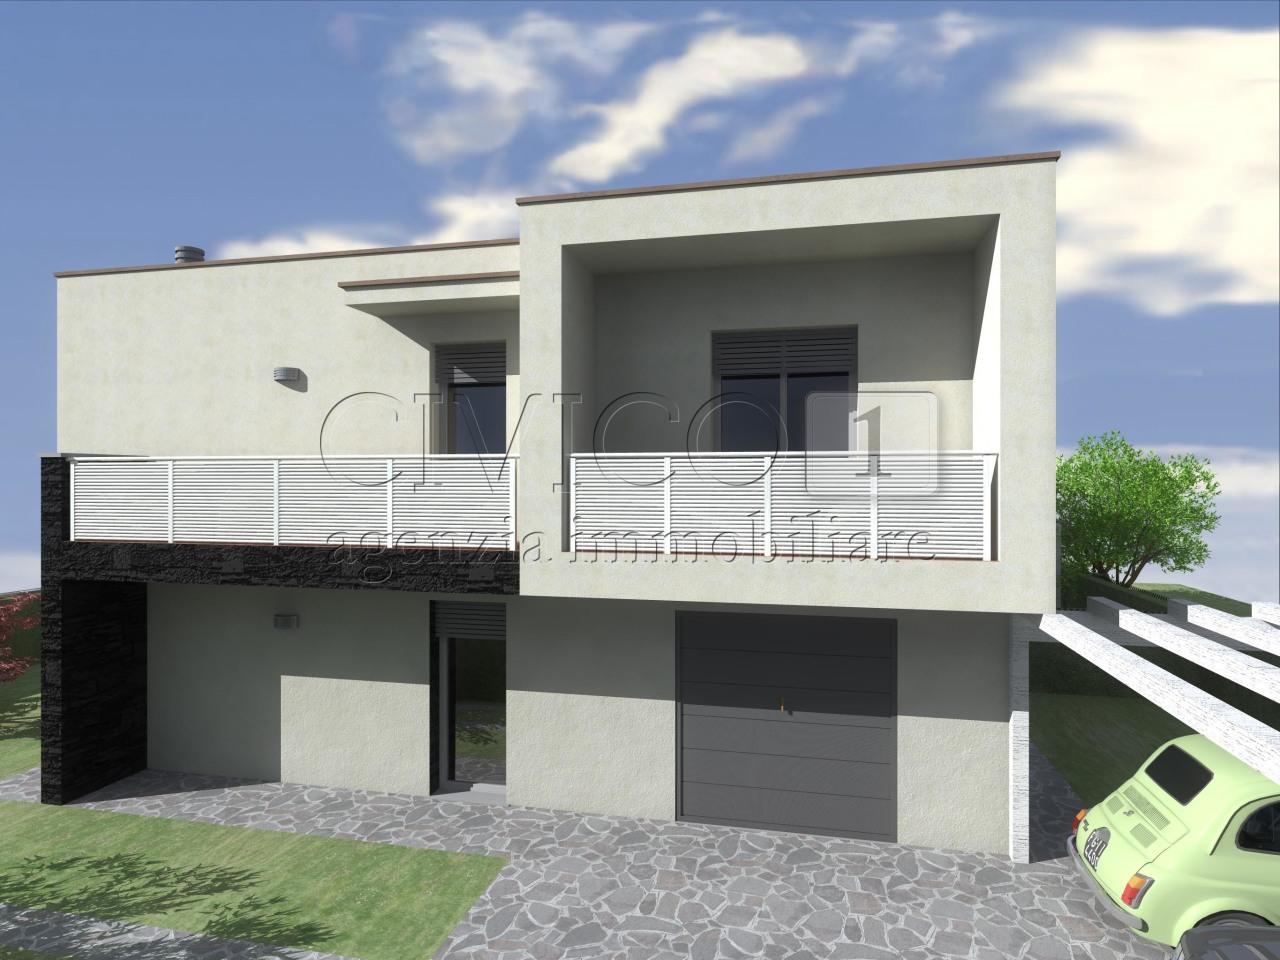 mestrino vendita quart:  civico1 agenzia immobiliare